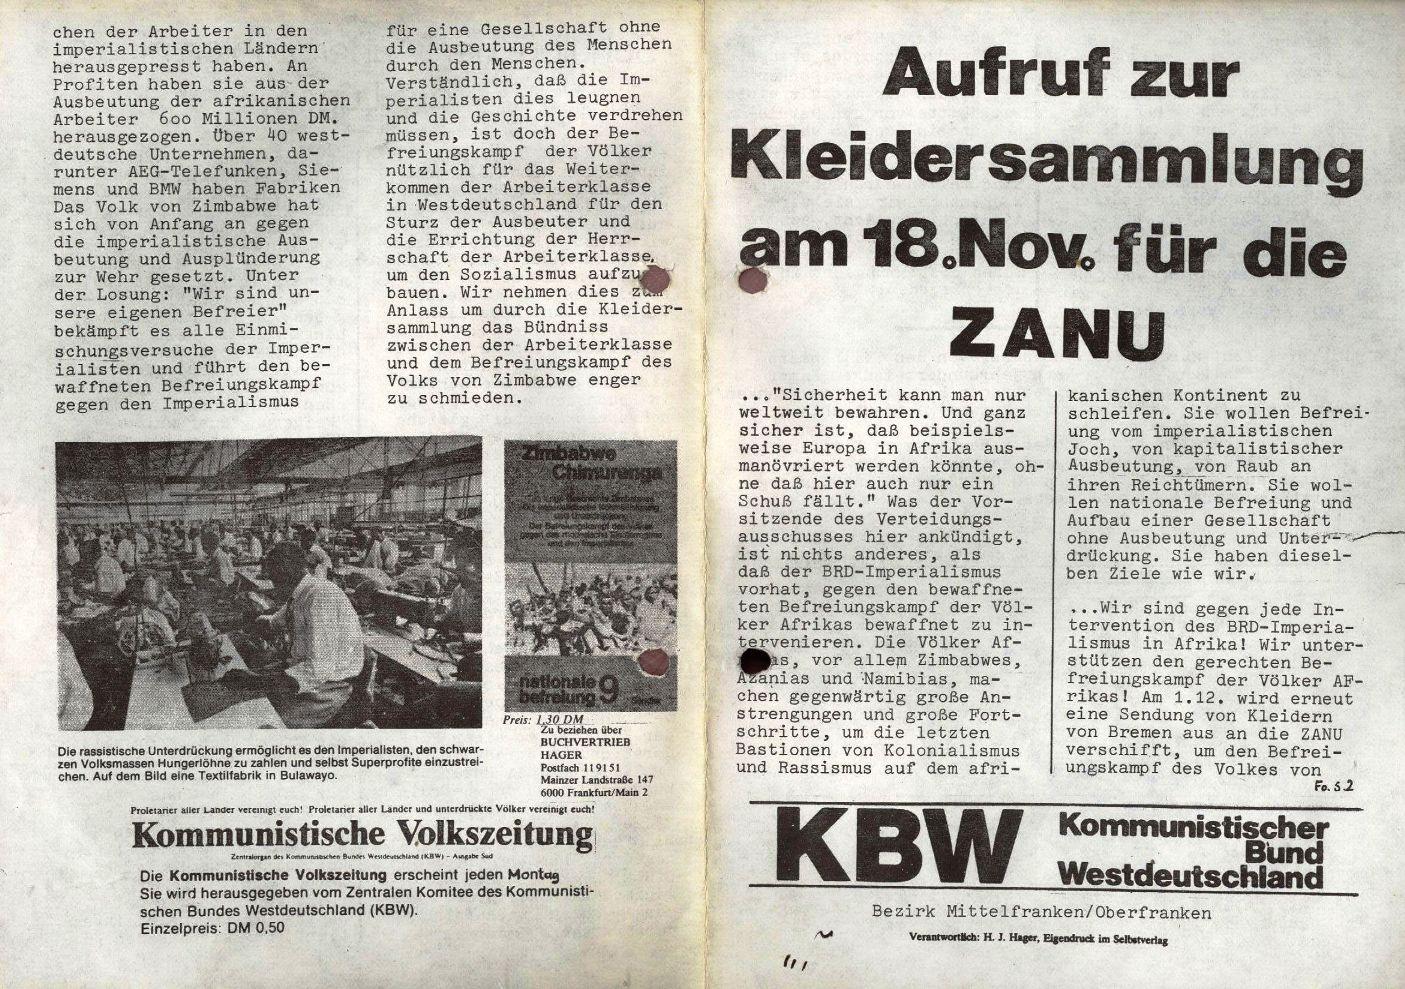 KBW_Mittelfranken063